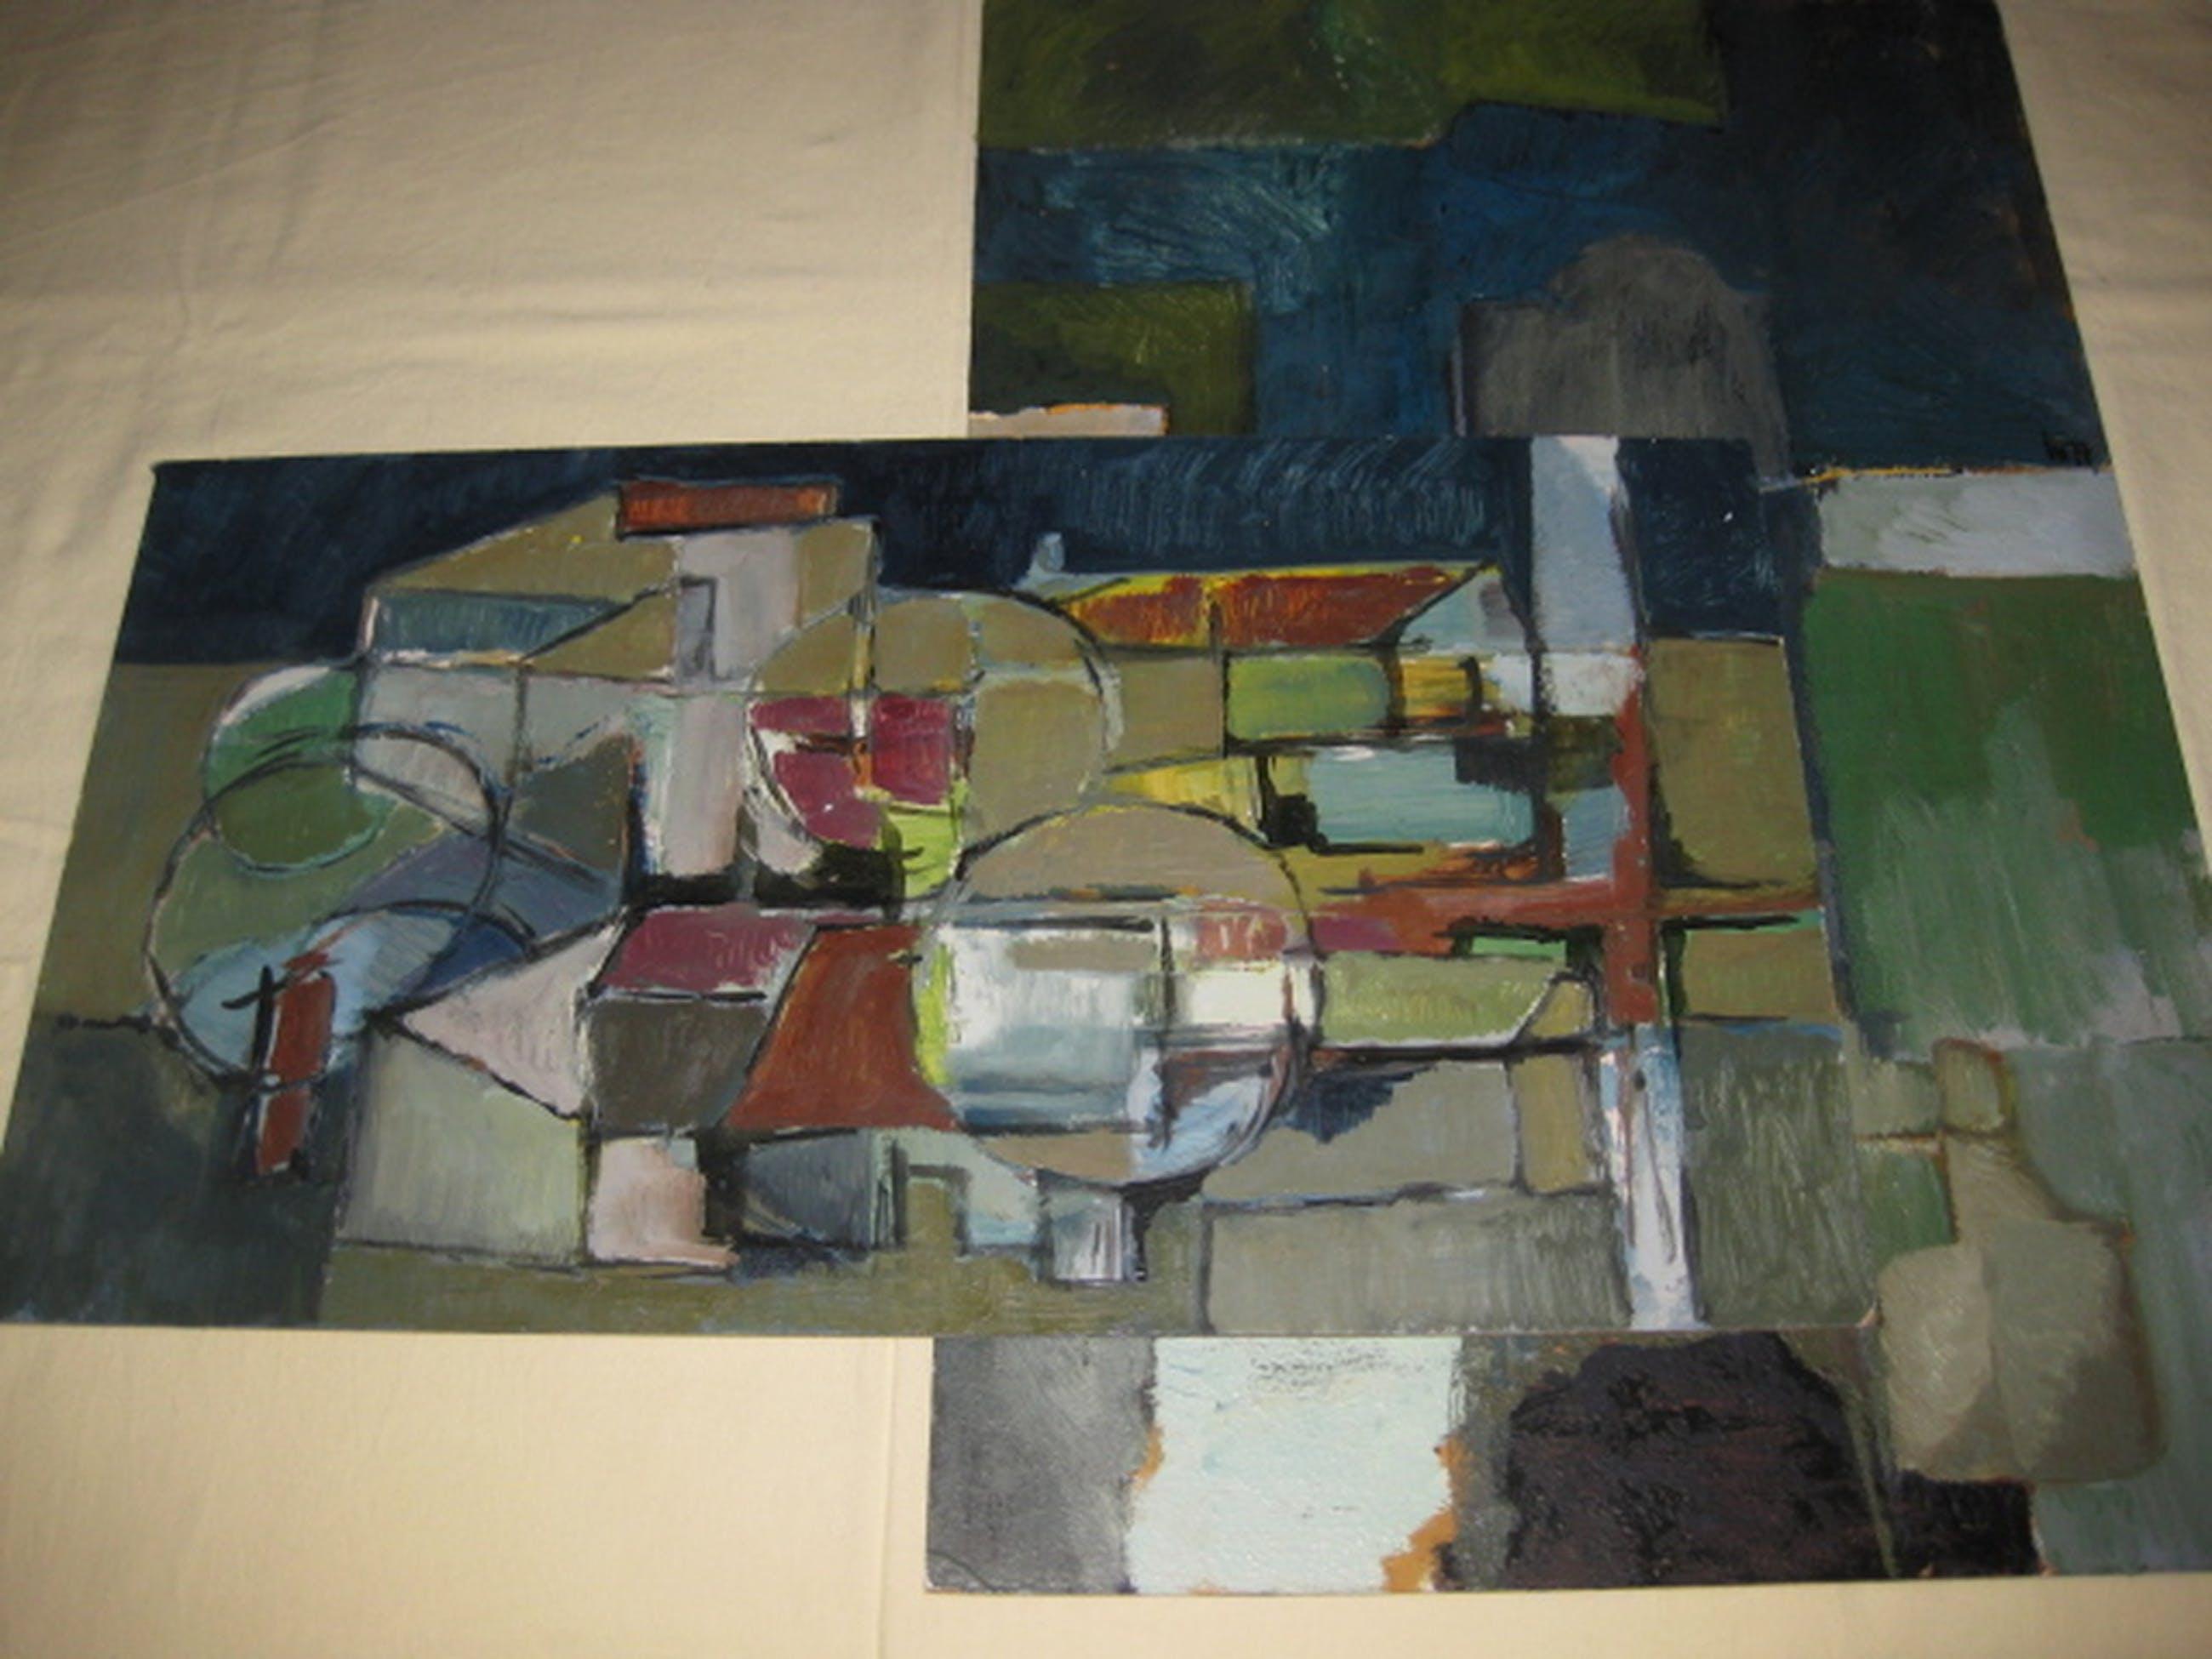 Twee keer schildersboard - stijl Nieuwe Haagse School - gesigneerd W77 kopen? Bied vanaf 1!